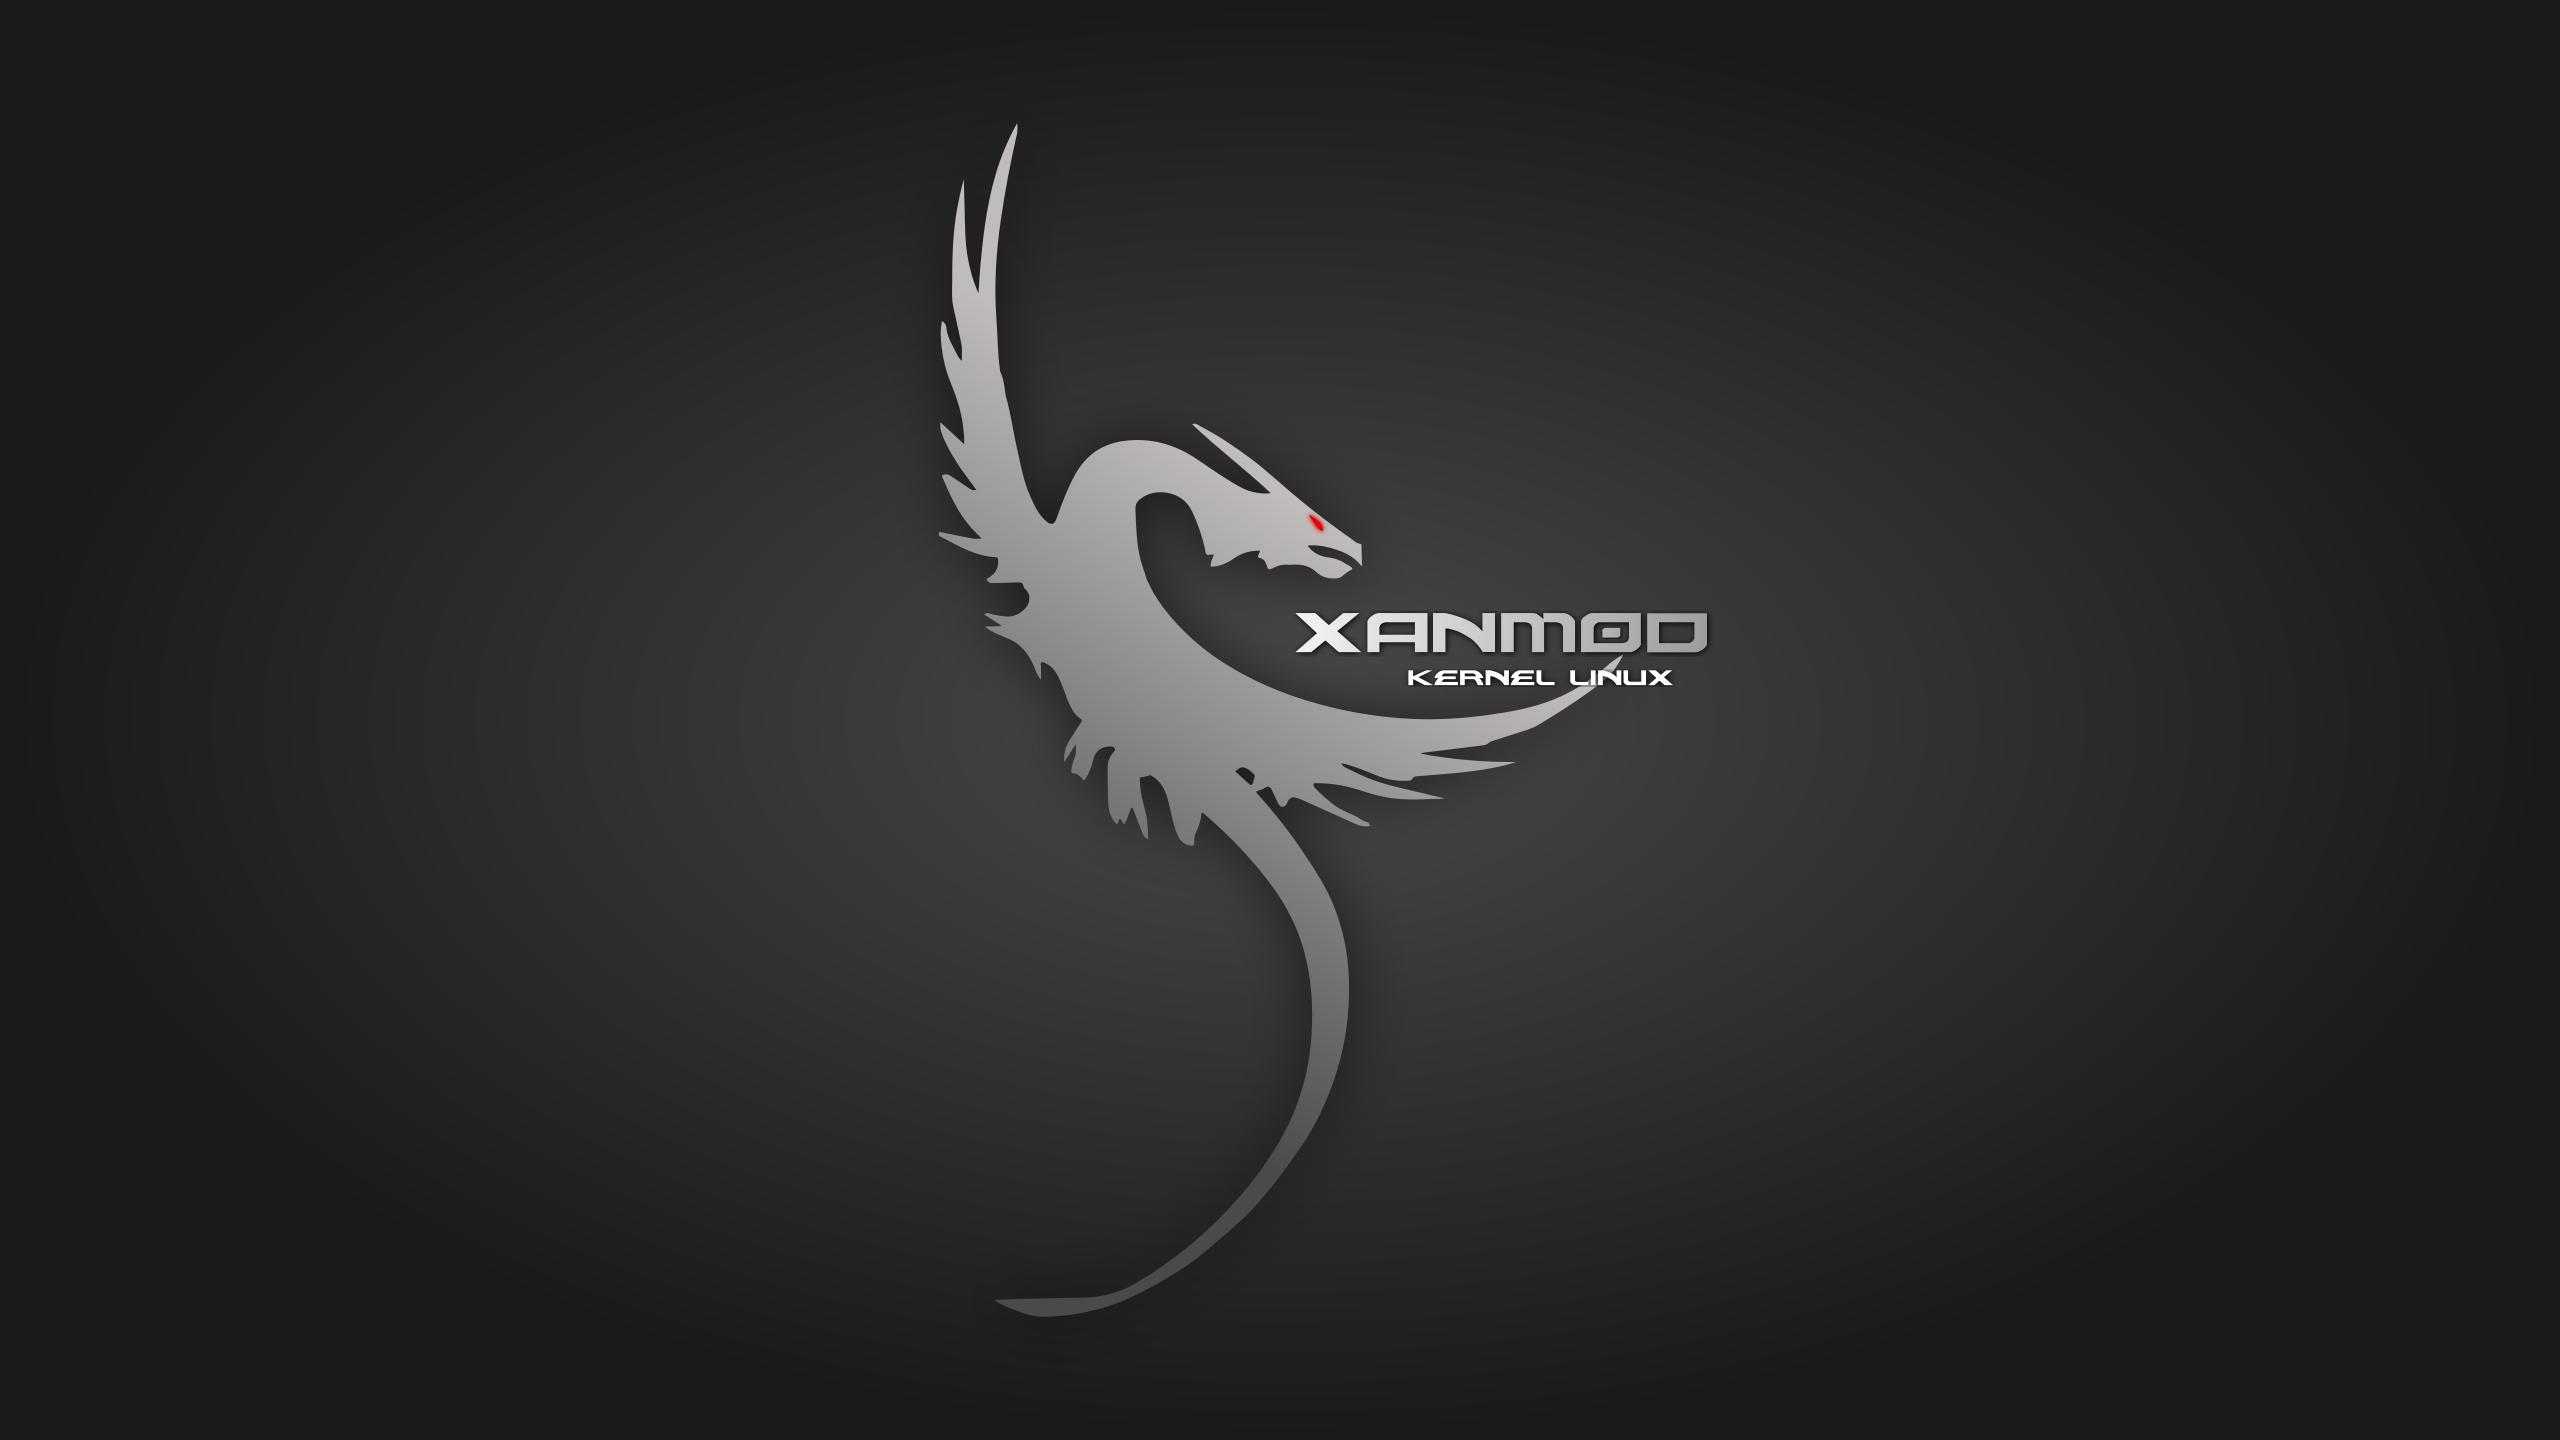 Logo do dragão do XanMod Kernel